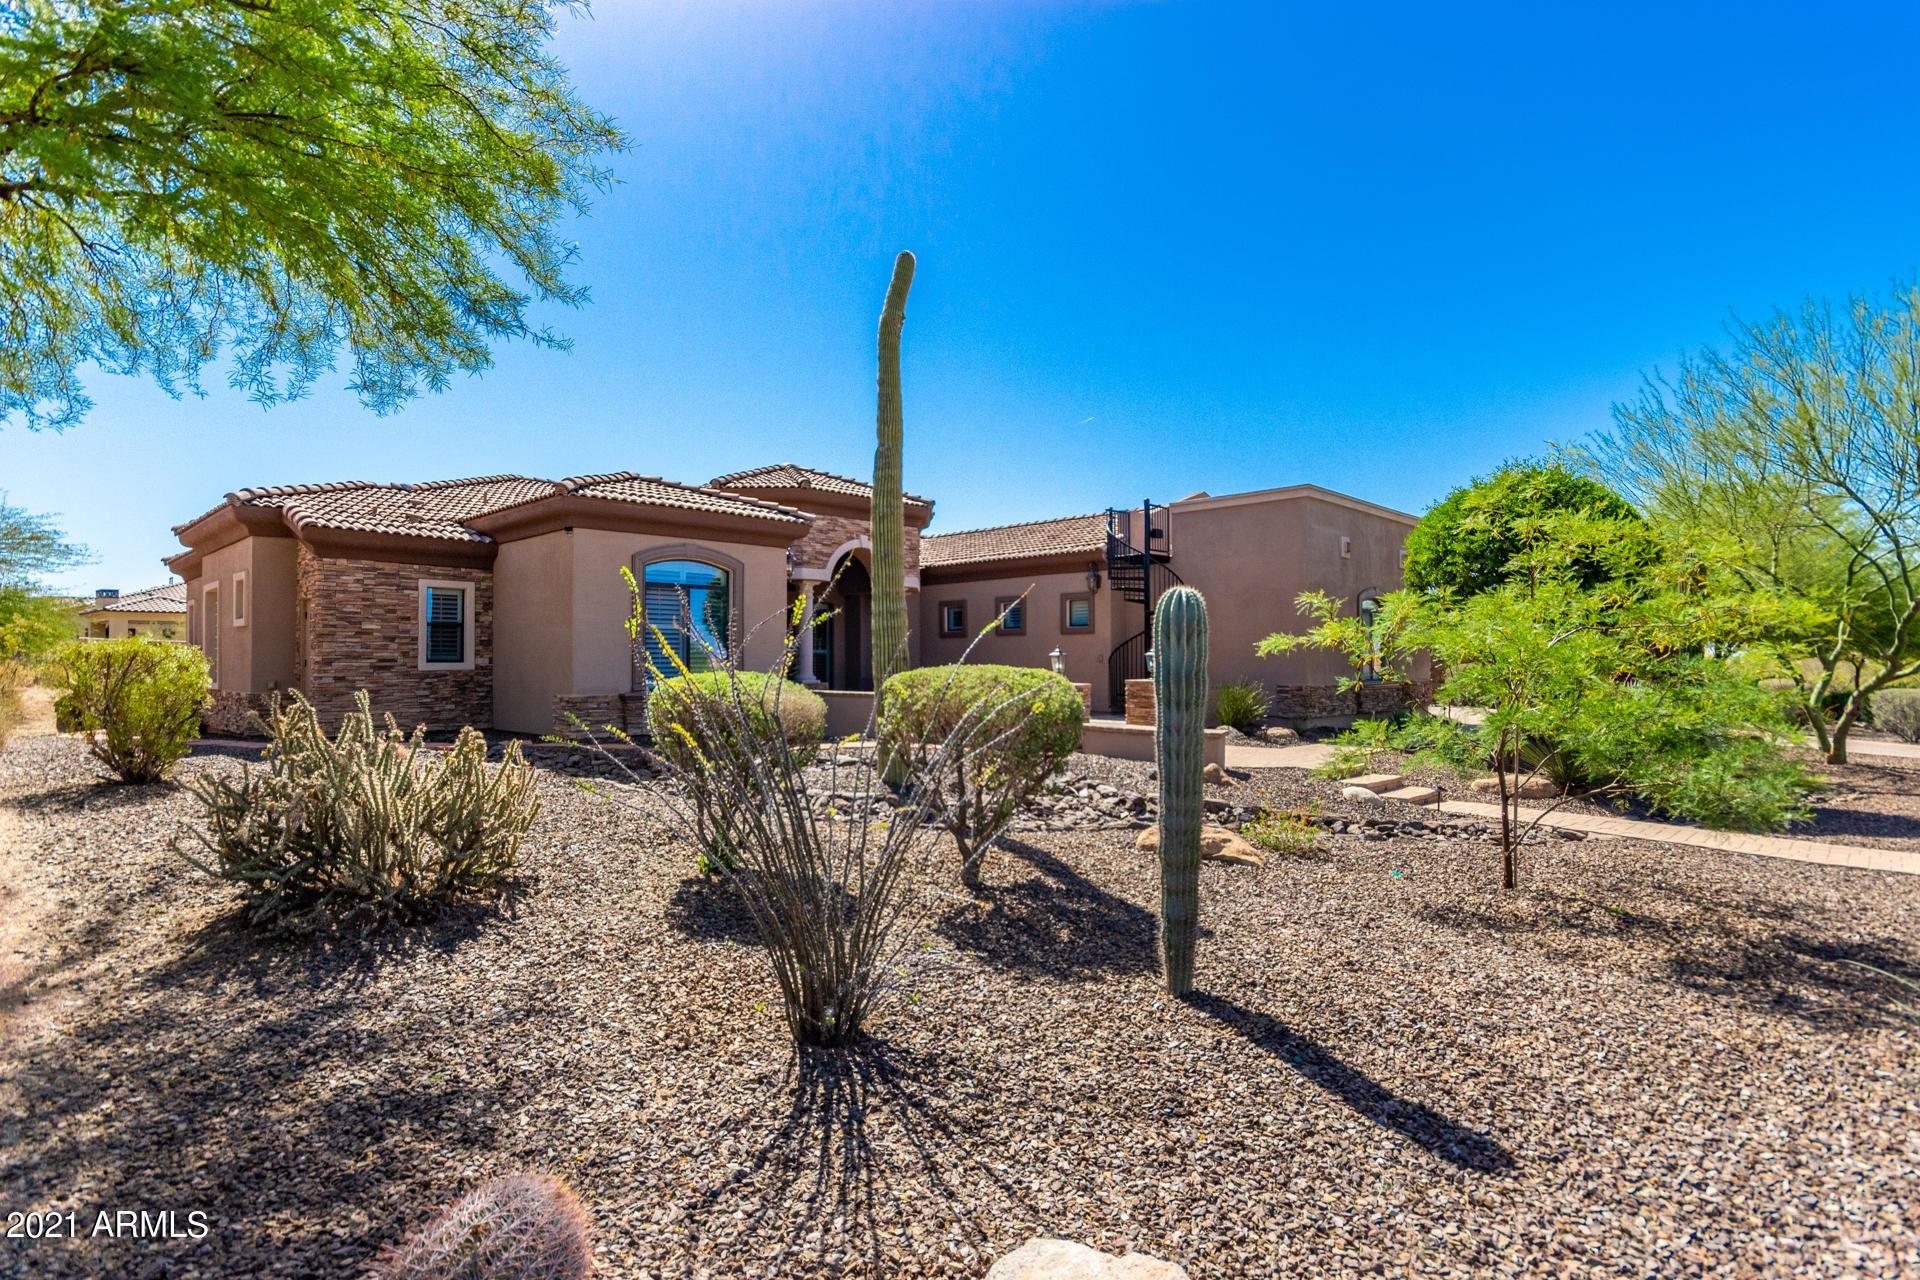 Photo of 3227 N CANYON WASH Circle, Mesa, AZ 85207 (MLS # 6232551)